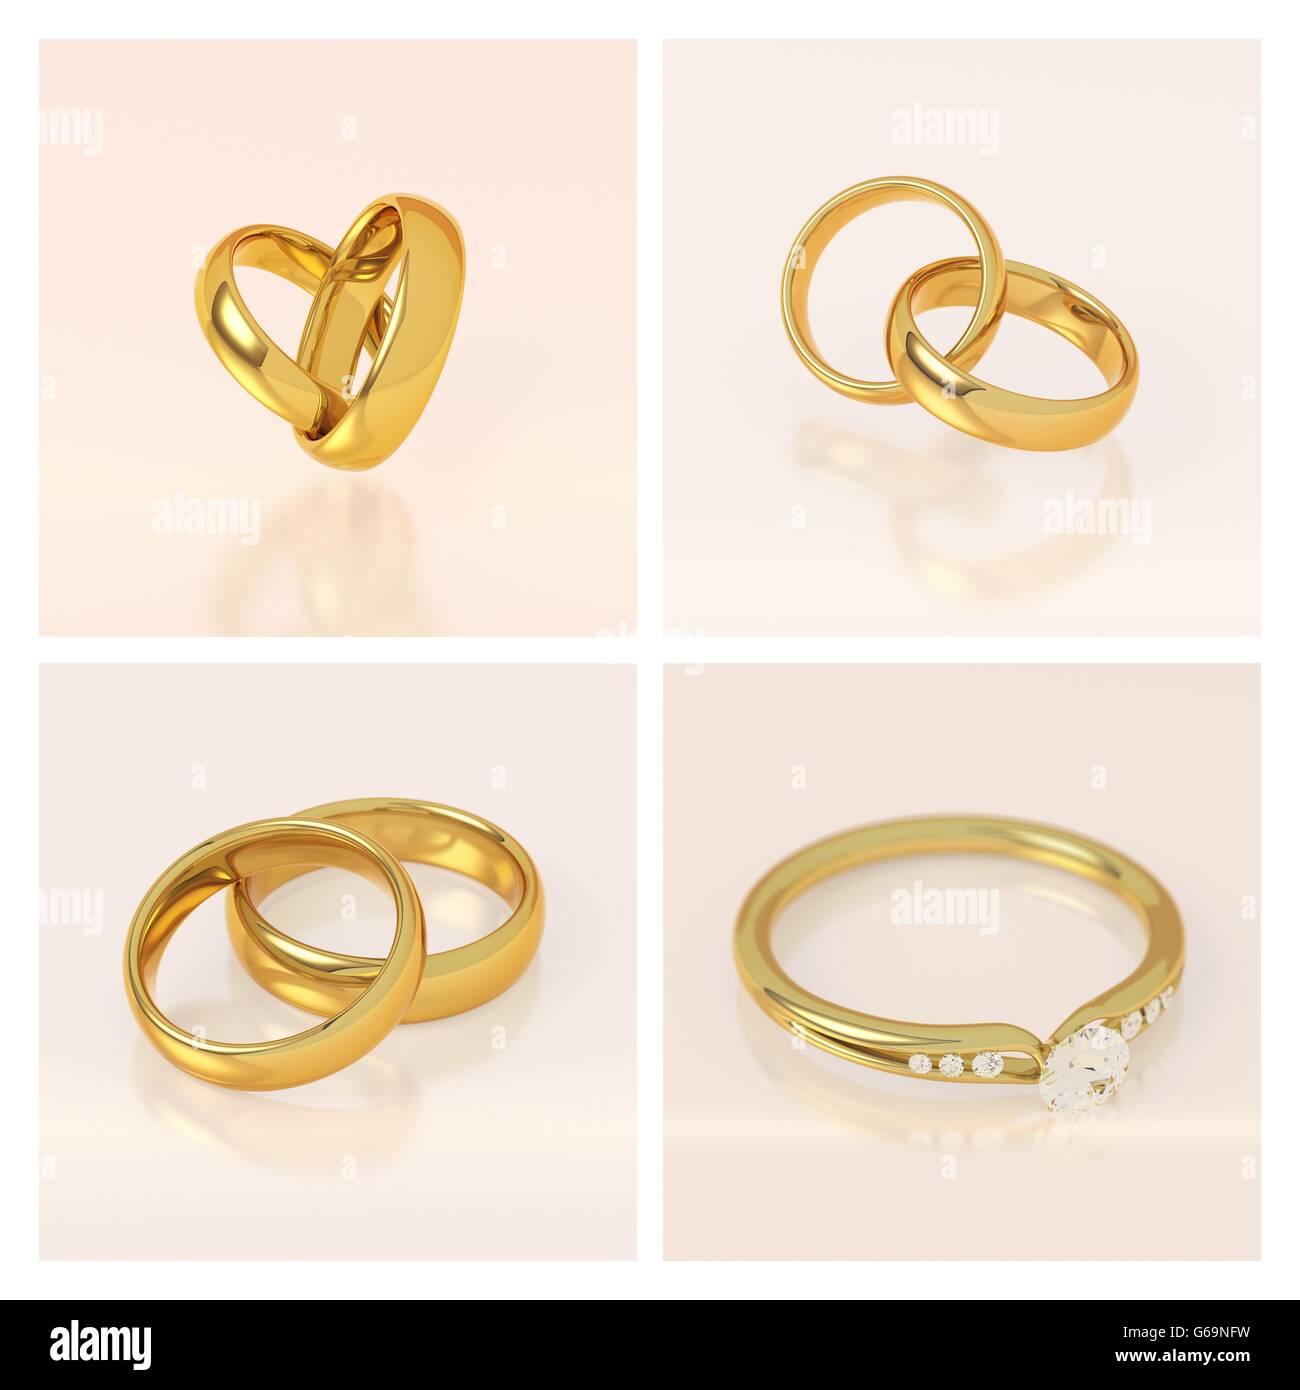 Goldene Hochzeit Ringe Gesetzt Zwei Ringe Verbunden In Form Eines